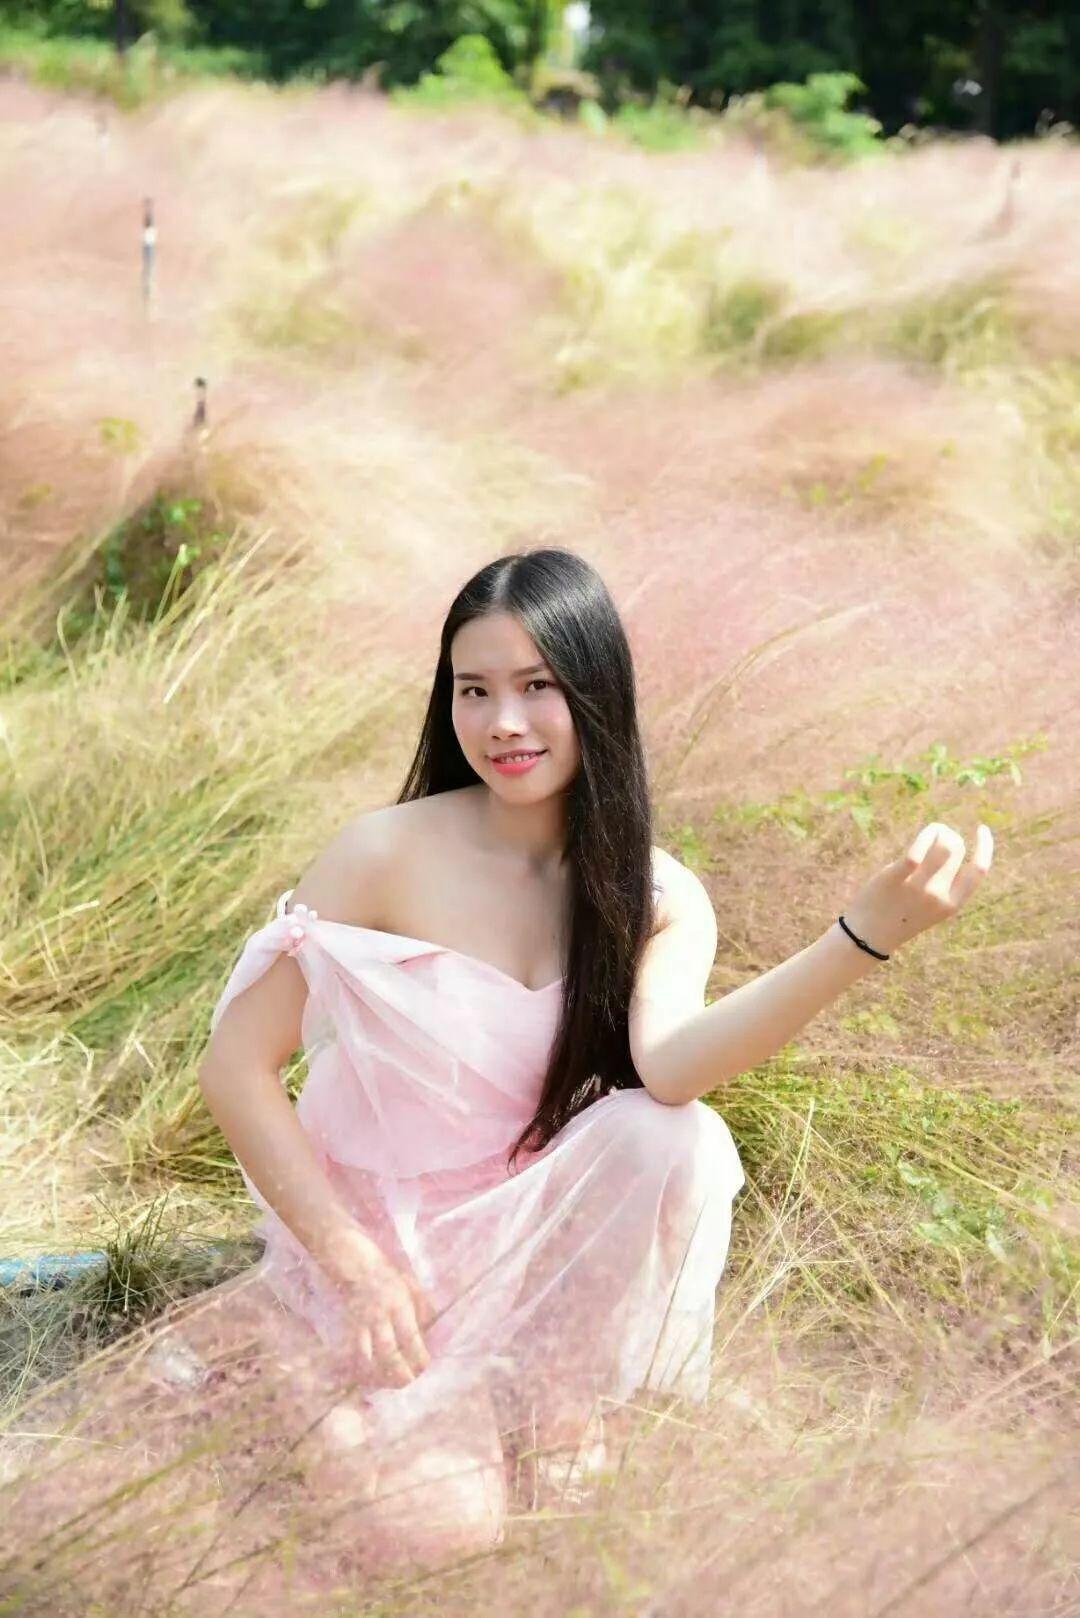 (8)(周日)秋日微风,红粉佳人徜徉在粉红田野,你约么?-户外活动图-驼铃网